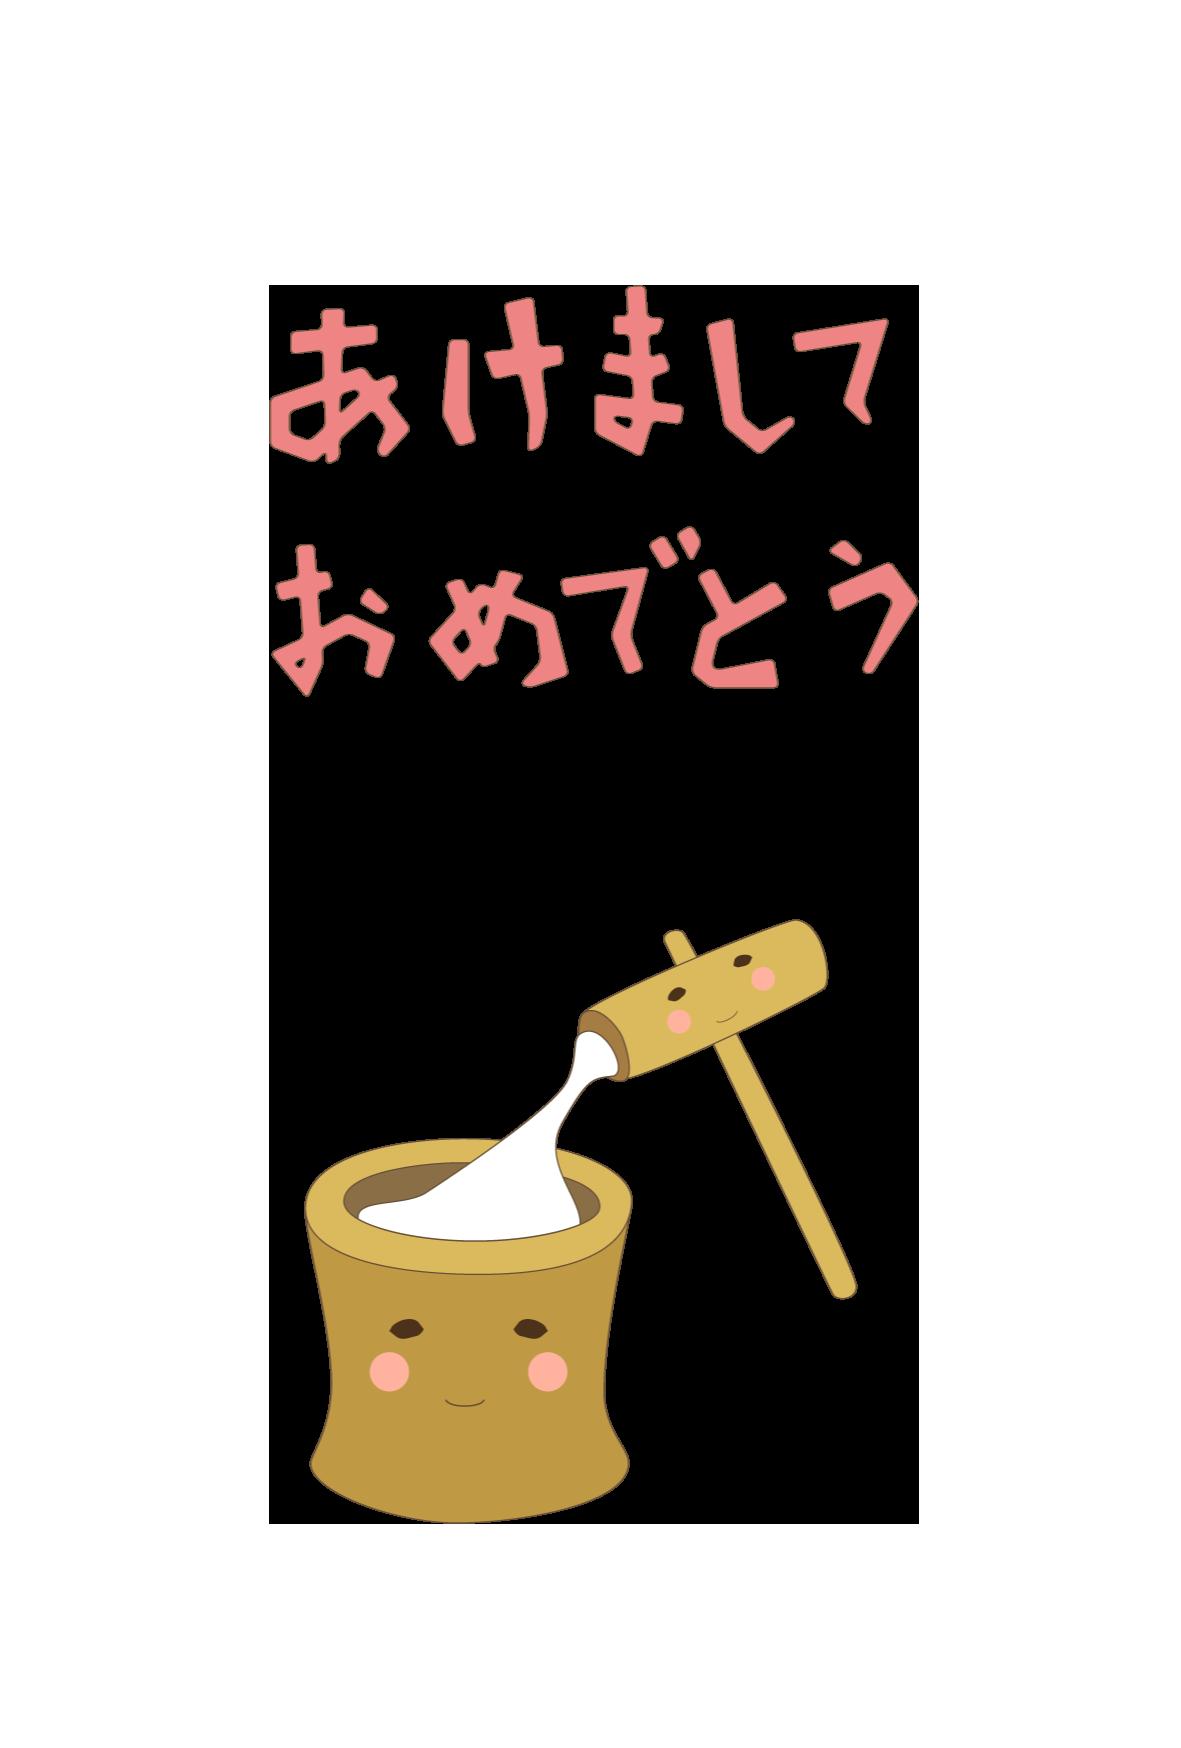 年賀状-かわいいテンプレート(餅つき)02 <無料> | イラストk